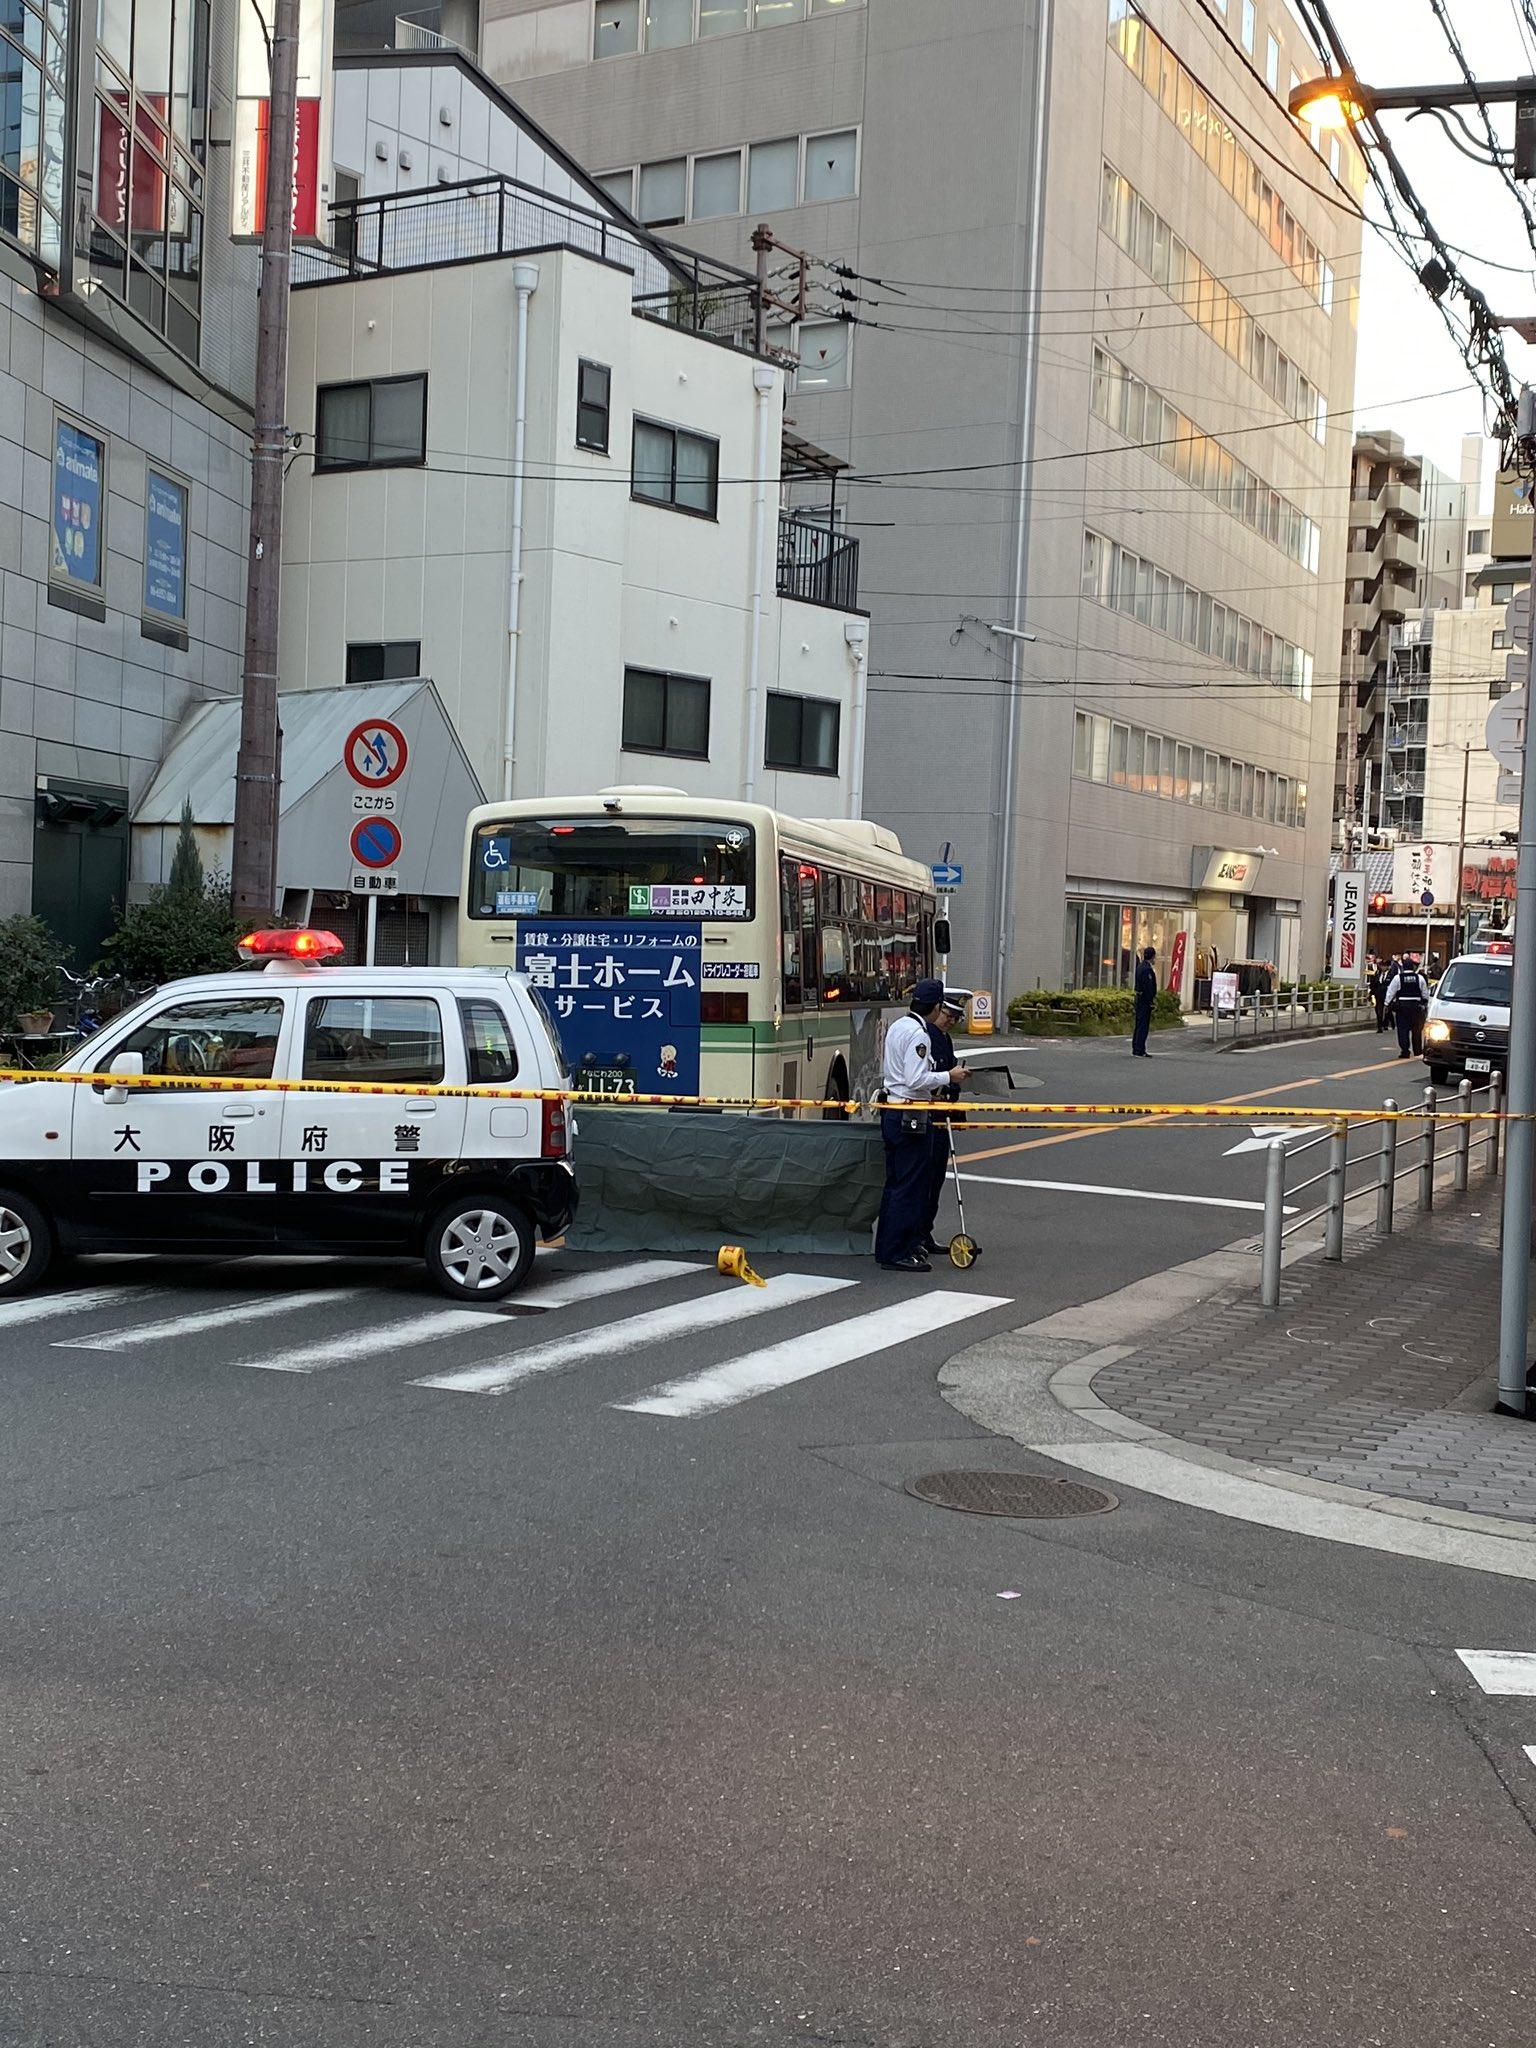 京橋駅付近のバスの交通事故で道路が封鎖されている現場画像